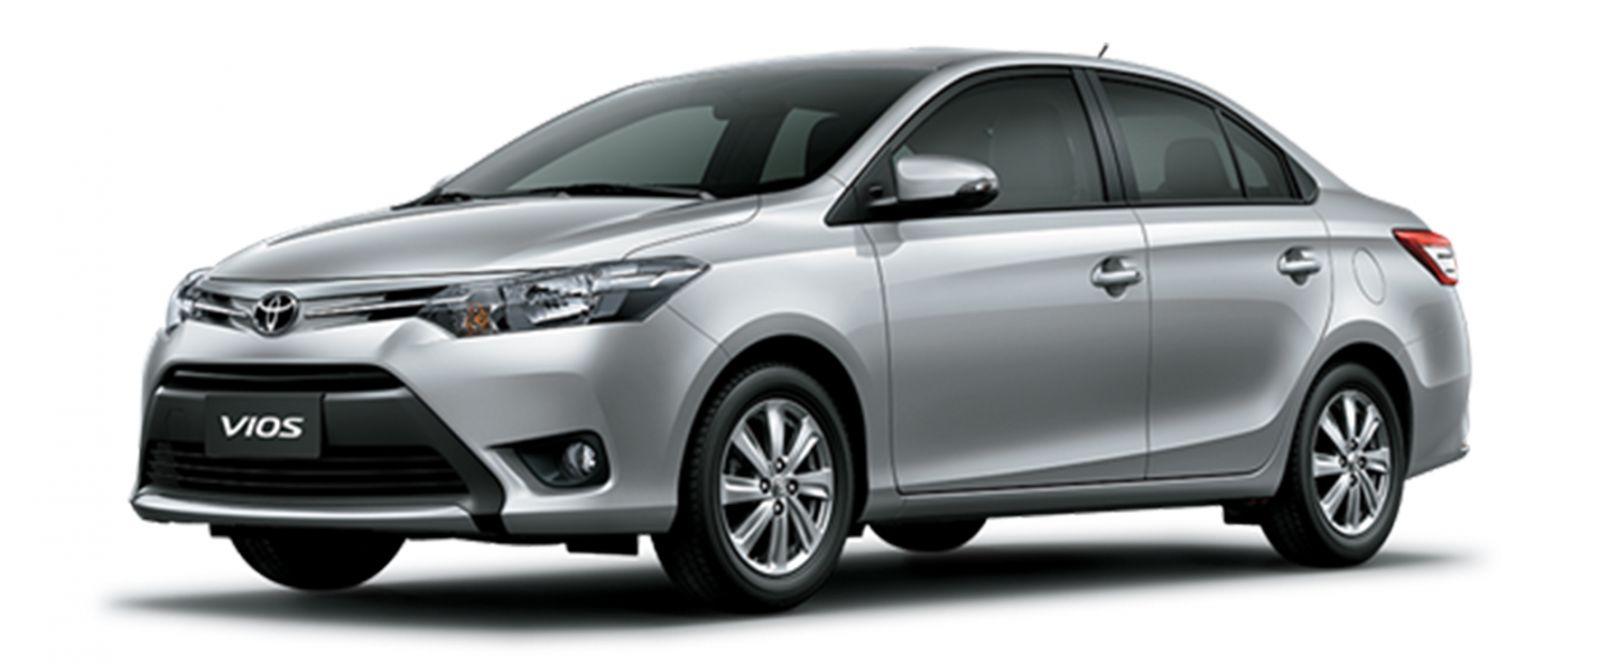 Toyota Vios dẫn đầu danh sách 10 xe bán chạy nhất trong tháng 4 với 2.076 xe bán ra.